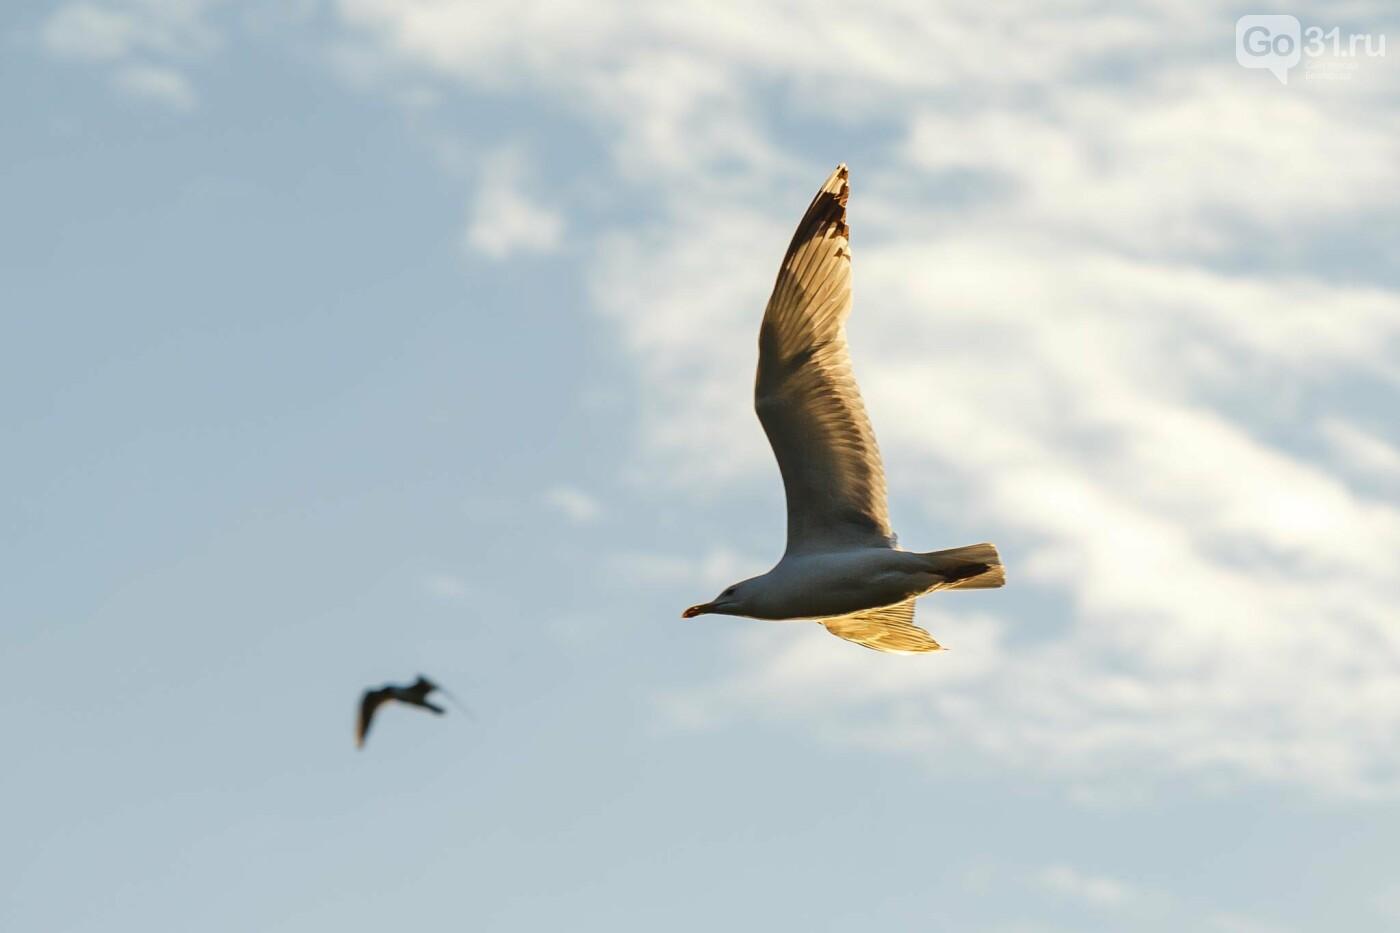 Пролетая над озером. В Белгороде чайки выбрали удобное место обитания, фото-10, Фото: Антон Вергун